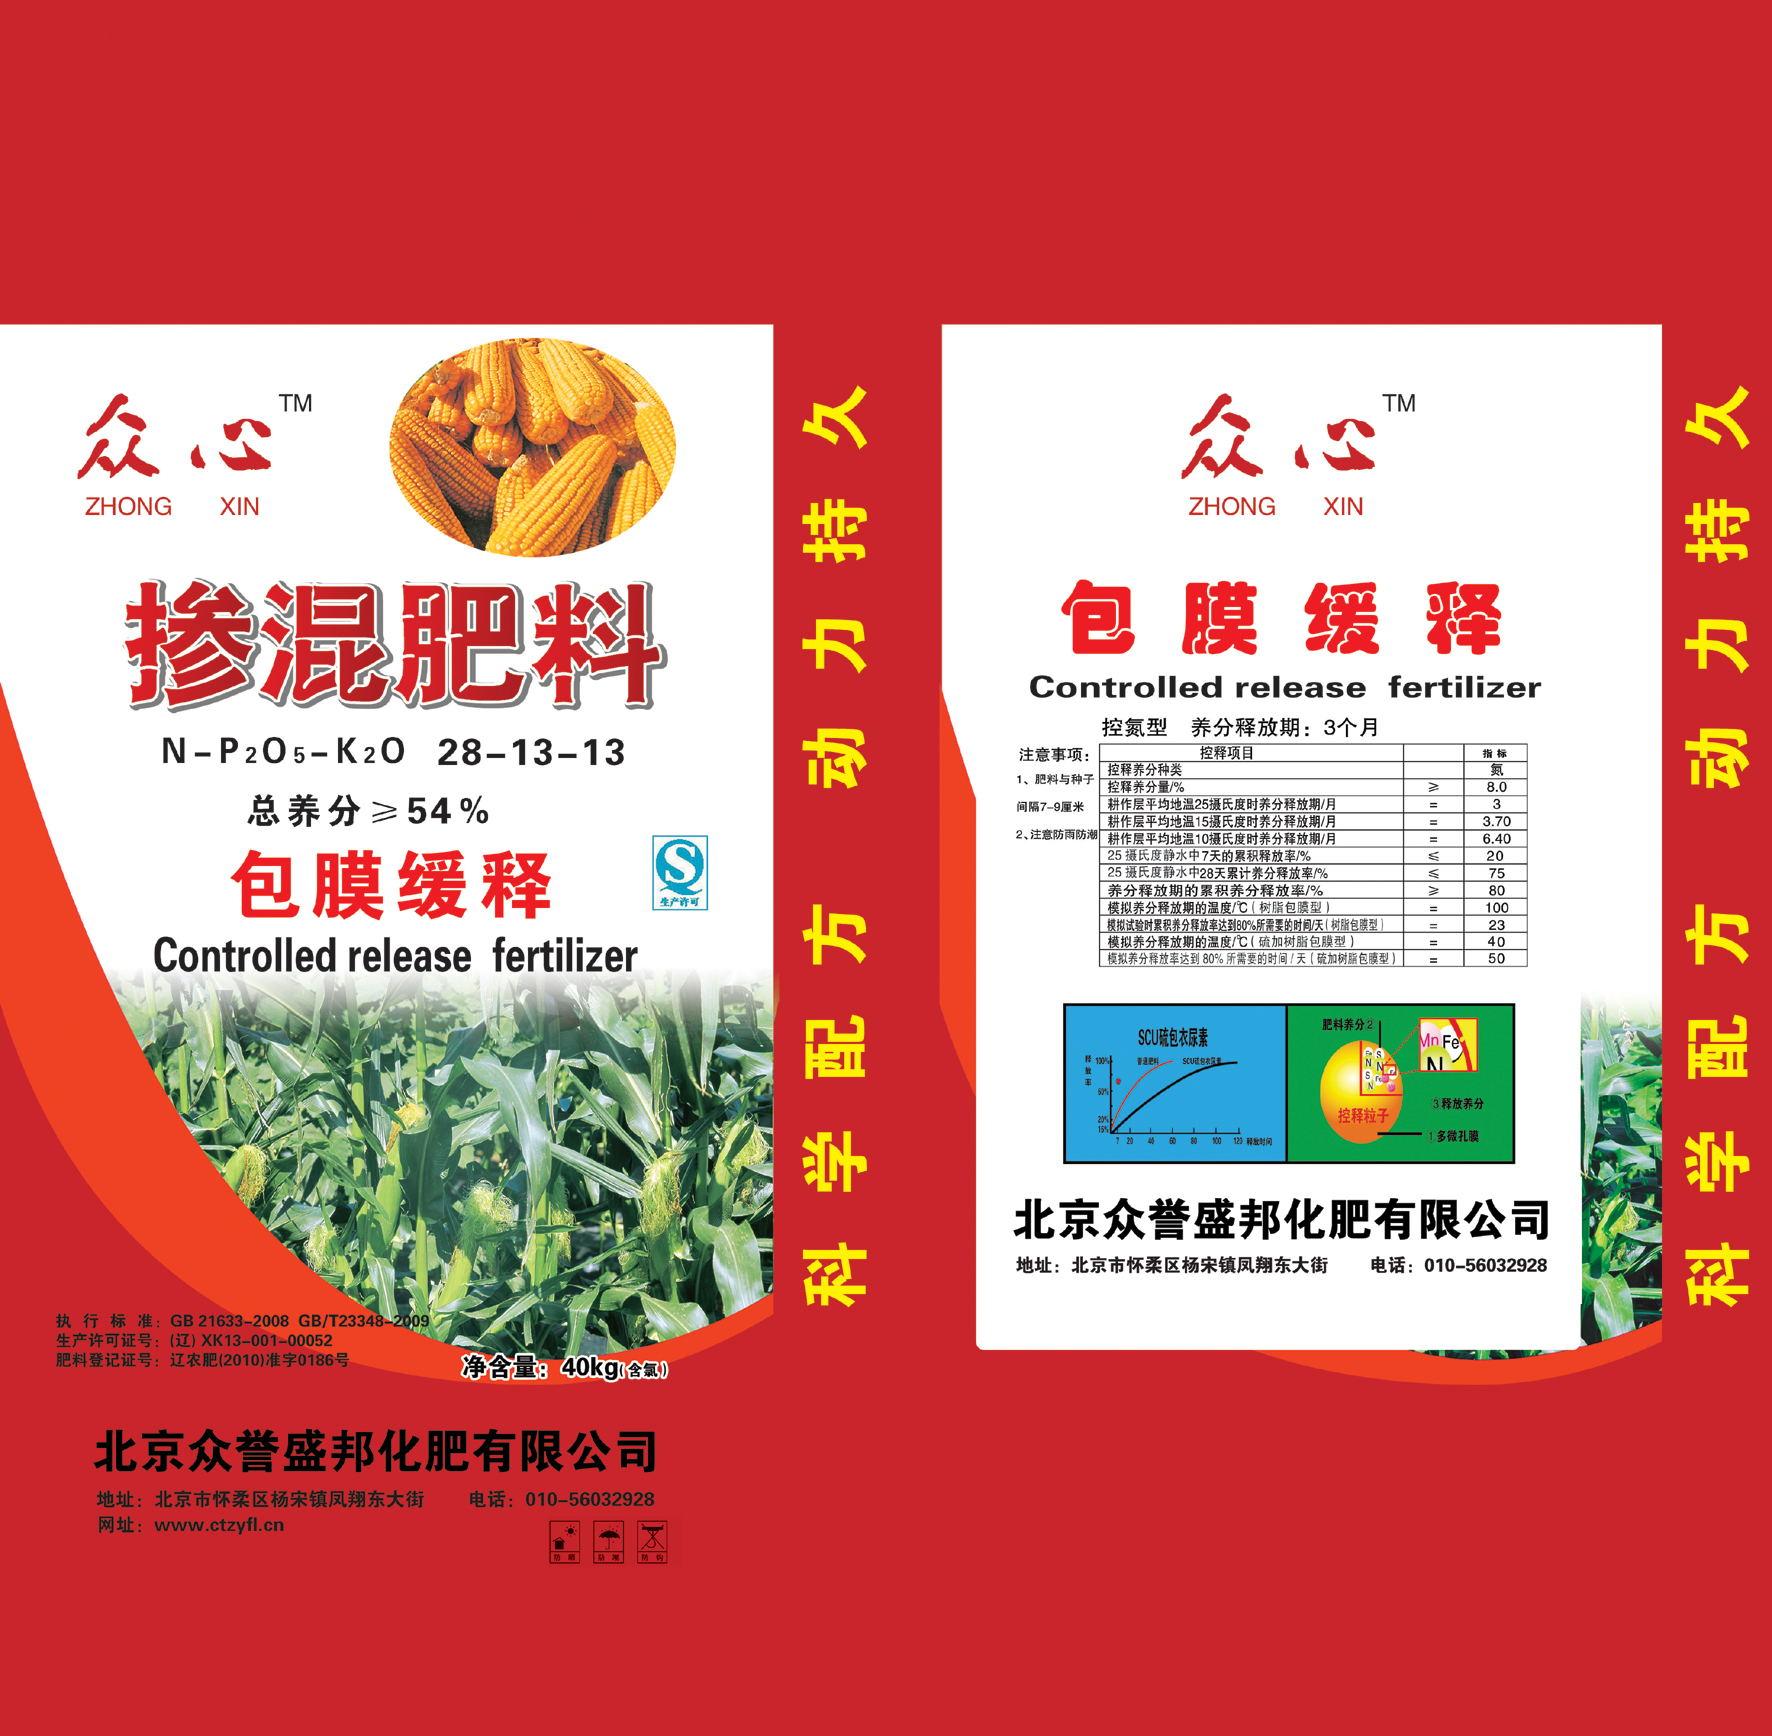 众心掺混复合肥 北京众誉盛邦化肥有限公司54%(40kg)